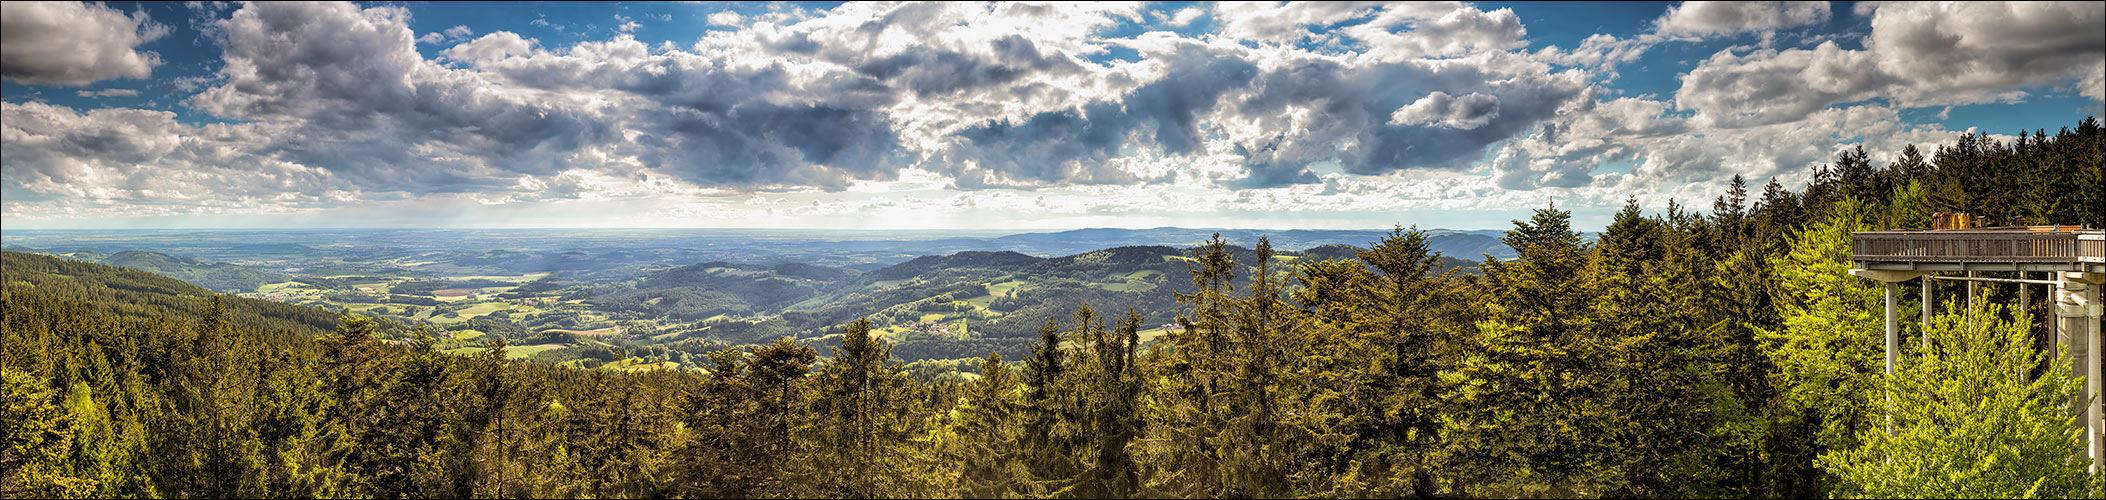 Wald-Wipfel-Weg - Sankt Englmar